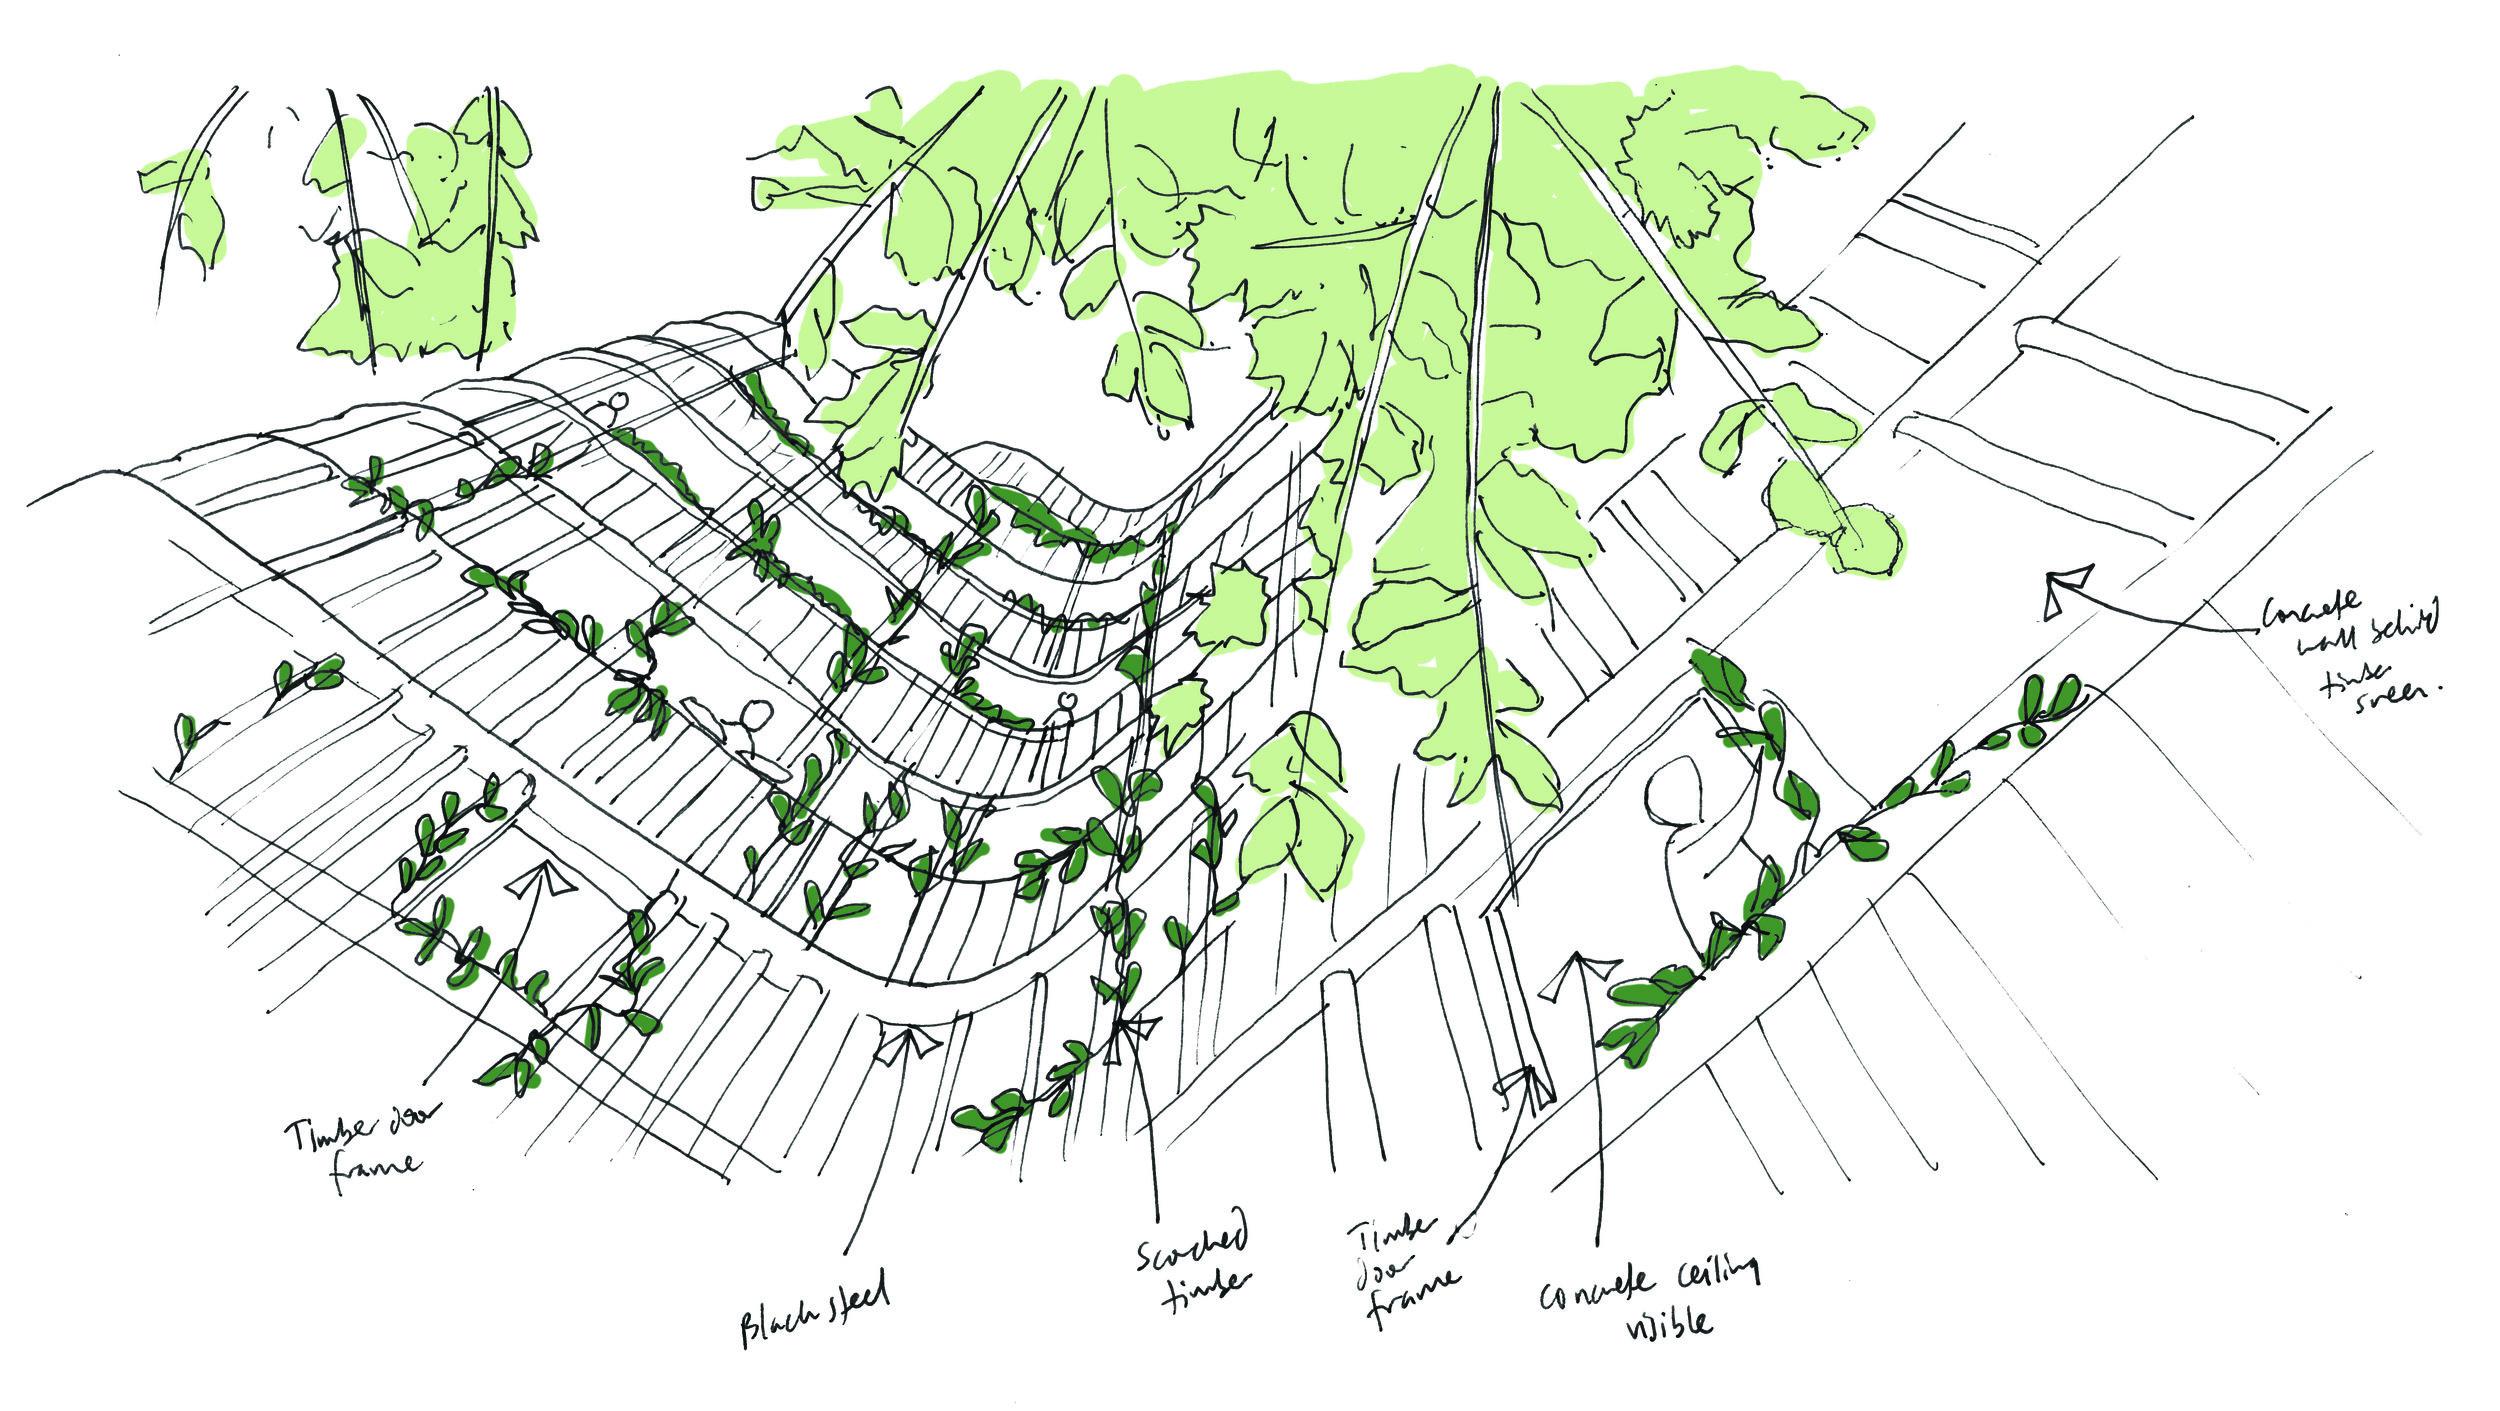 1609-170714-The Commons Hobart-02-Vertical Garden.jpg